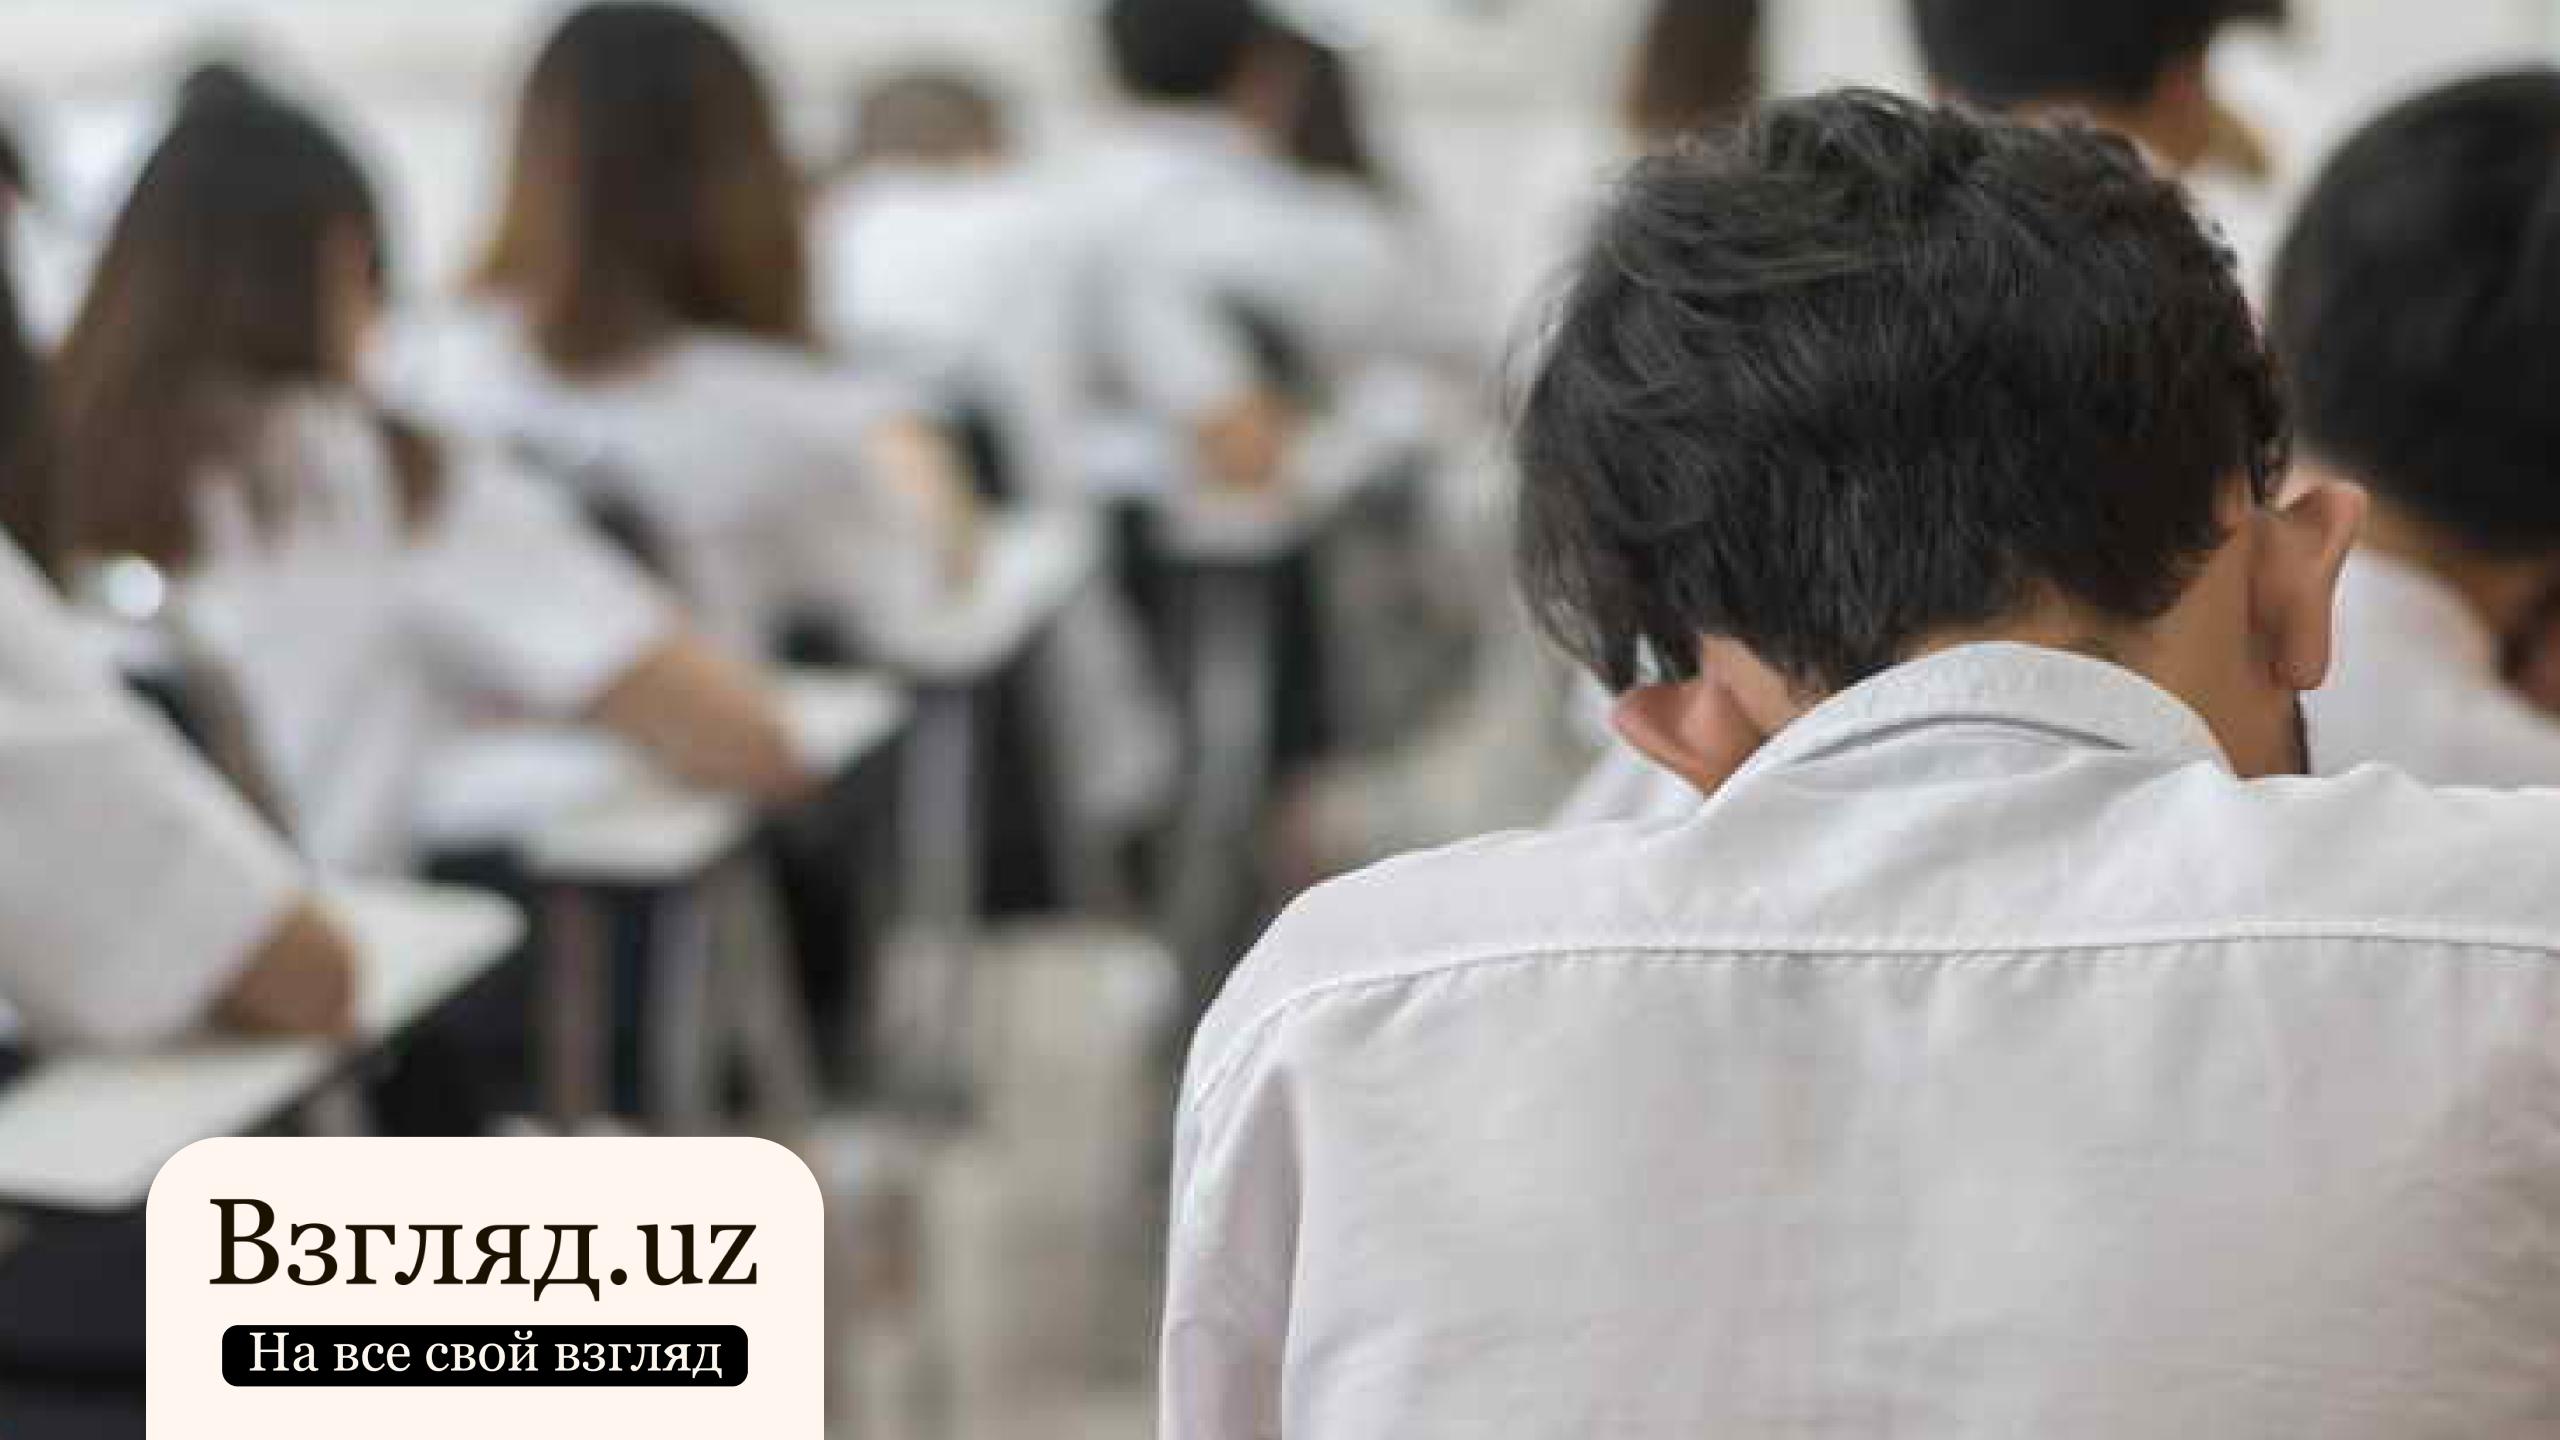 Стало известно, сколько абитуриентов смогут участвовать во вступительных экзаменах в этом году